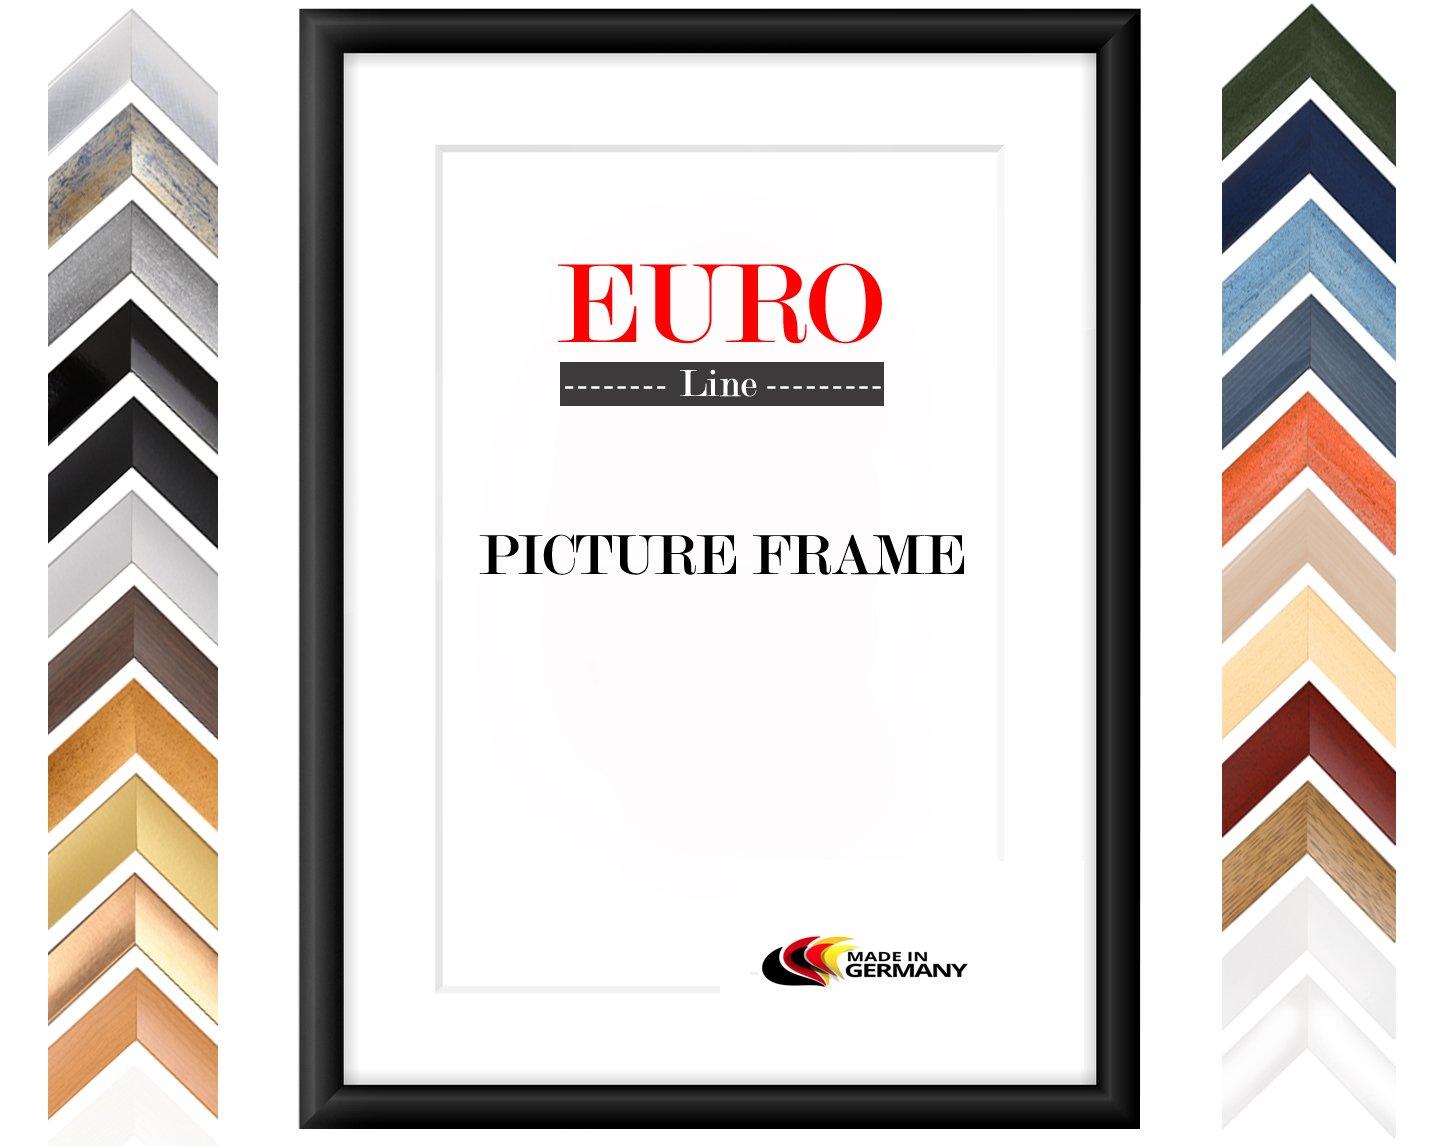 EUROLine35 Bilderrahmen 90 x 120 cm   Farbe  Schwarz Matt   Holzrahmen inkl. entspiegeltem Acryl-Glas und MDF Rückwand   Rahmen Breite  35 mm, Außenmaß  95,8 x 125,8 cm